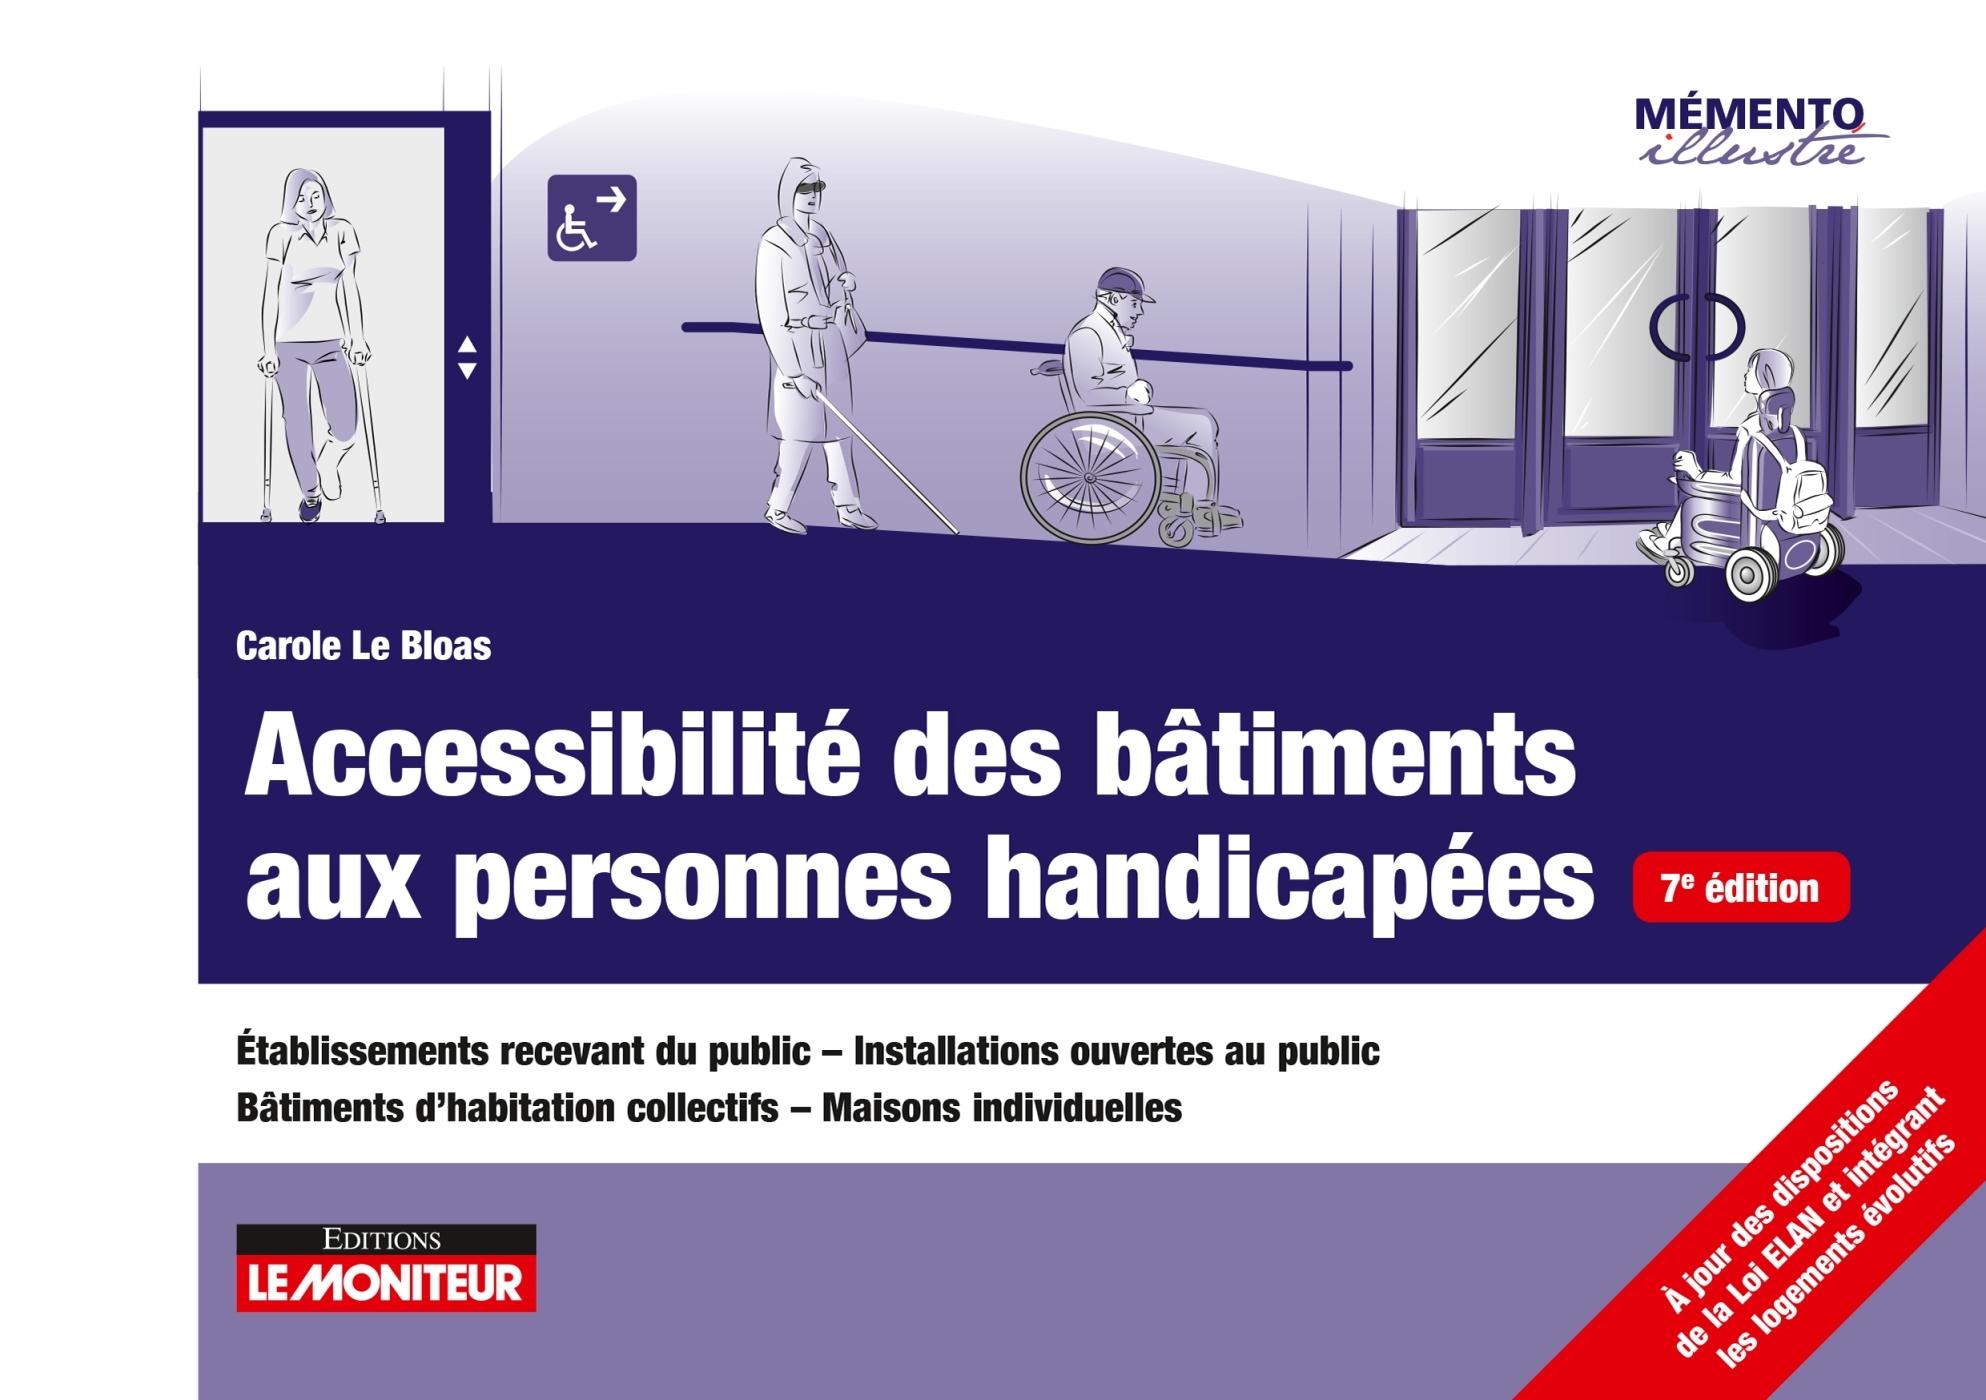 LE MONITEUR - T07 - ACCESSIBILITE DES BATIMENTS AUX PERSONNES HANDICAPEES - ETABLISSEMENTS RECEVANT